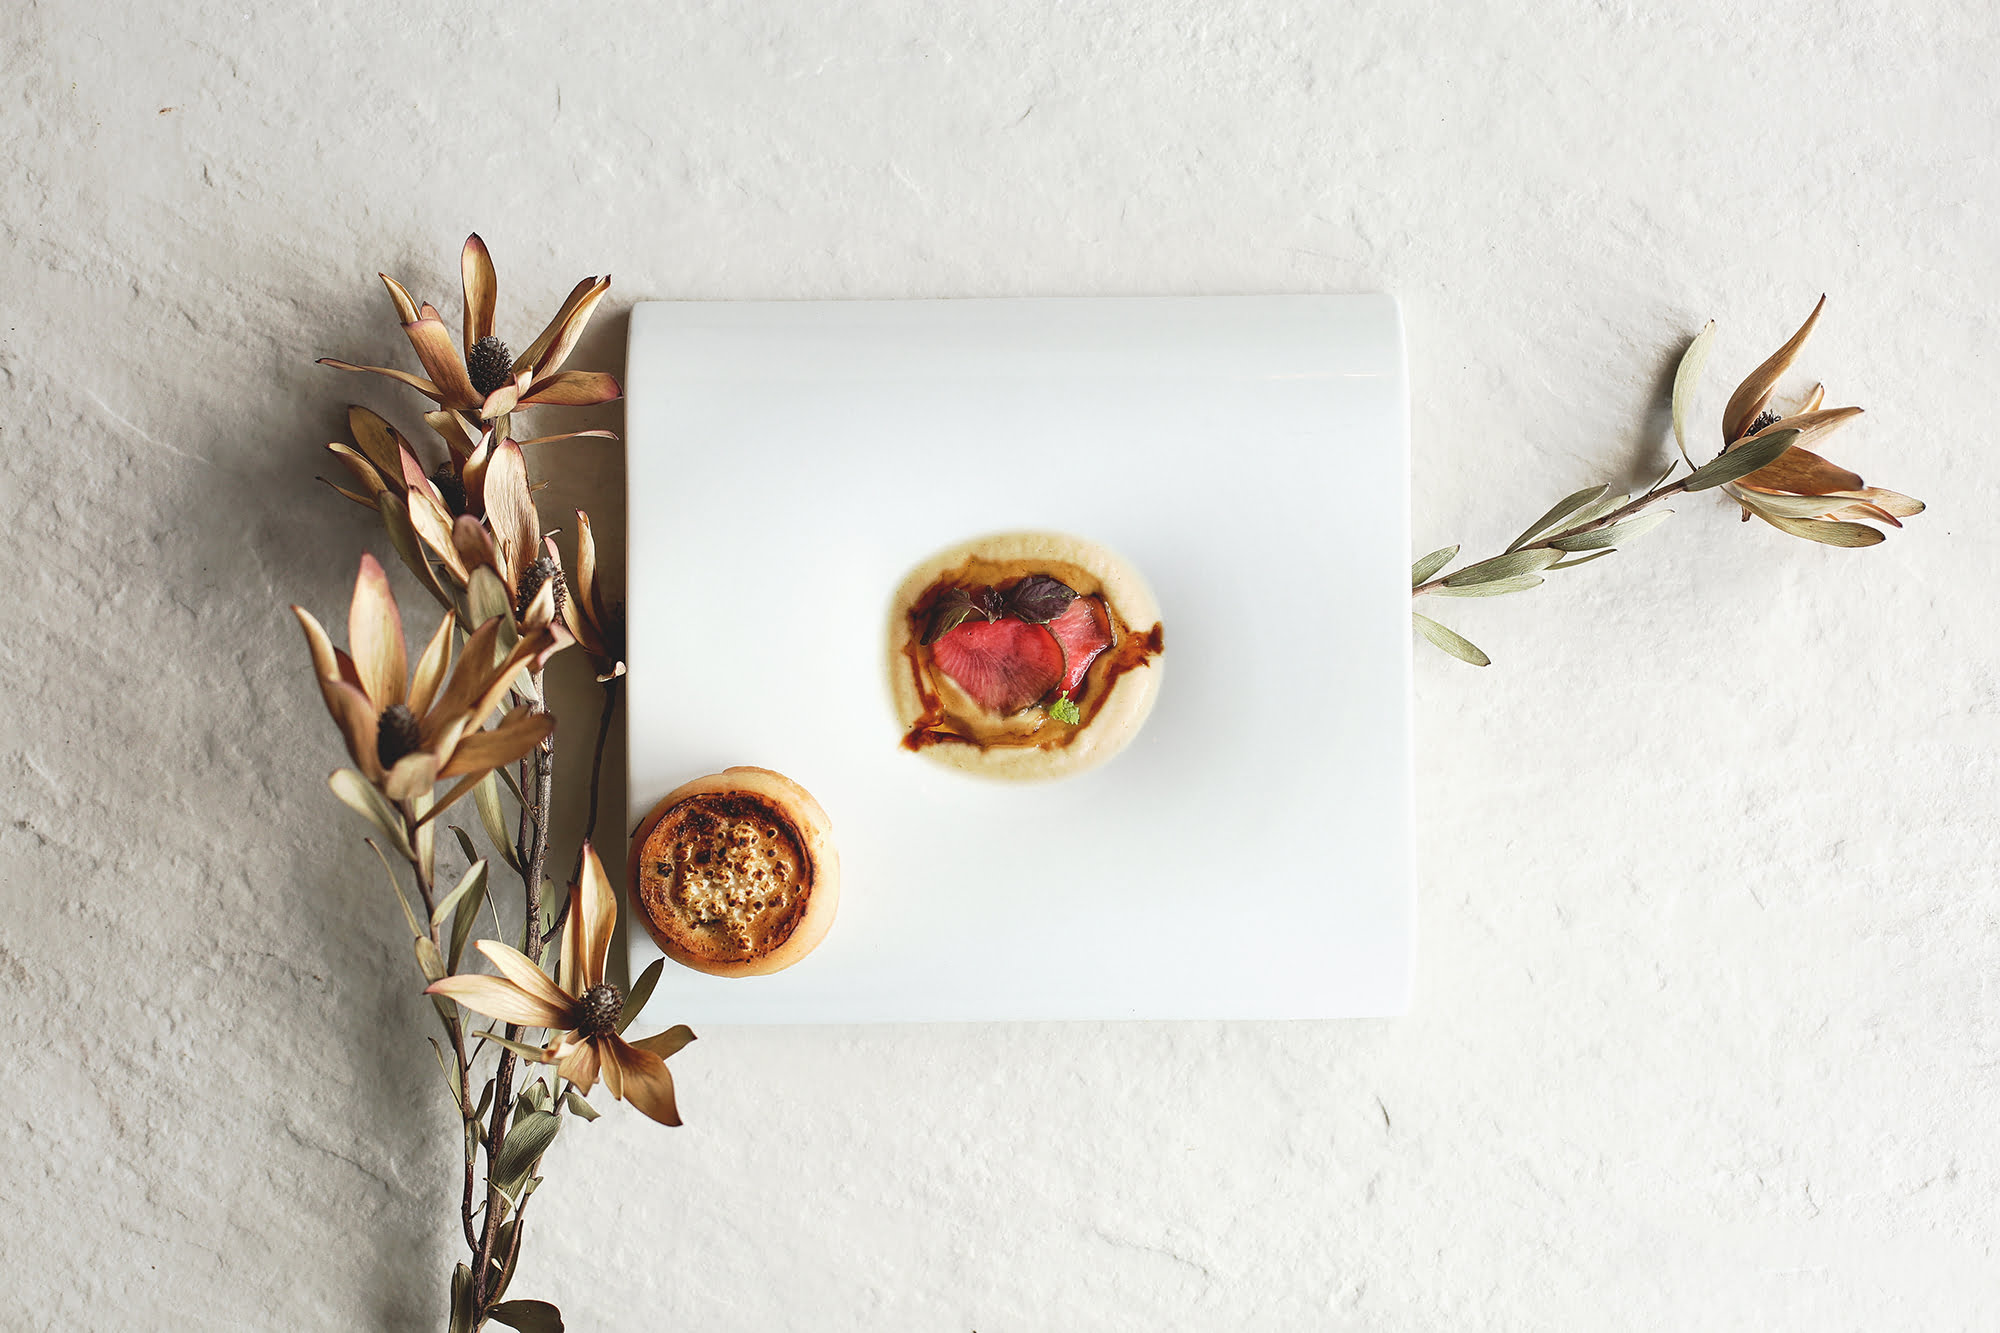 Amazing Food Photography Deer Duck Bistro Menu 2020 by Evelina Photography - Brisbane Food Photographer - Brisbane Food Photography by Evelina Fietisova